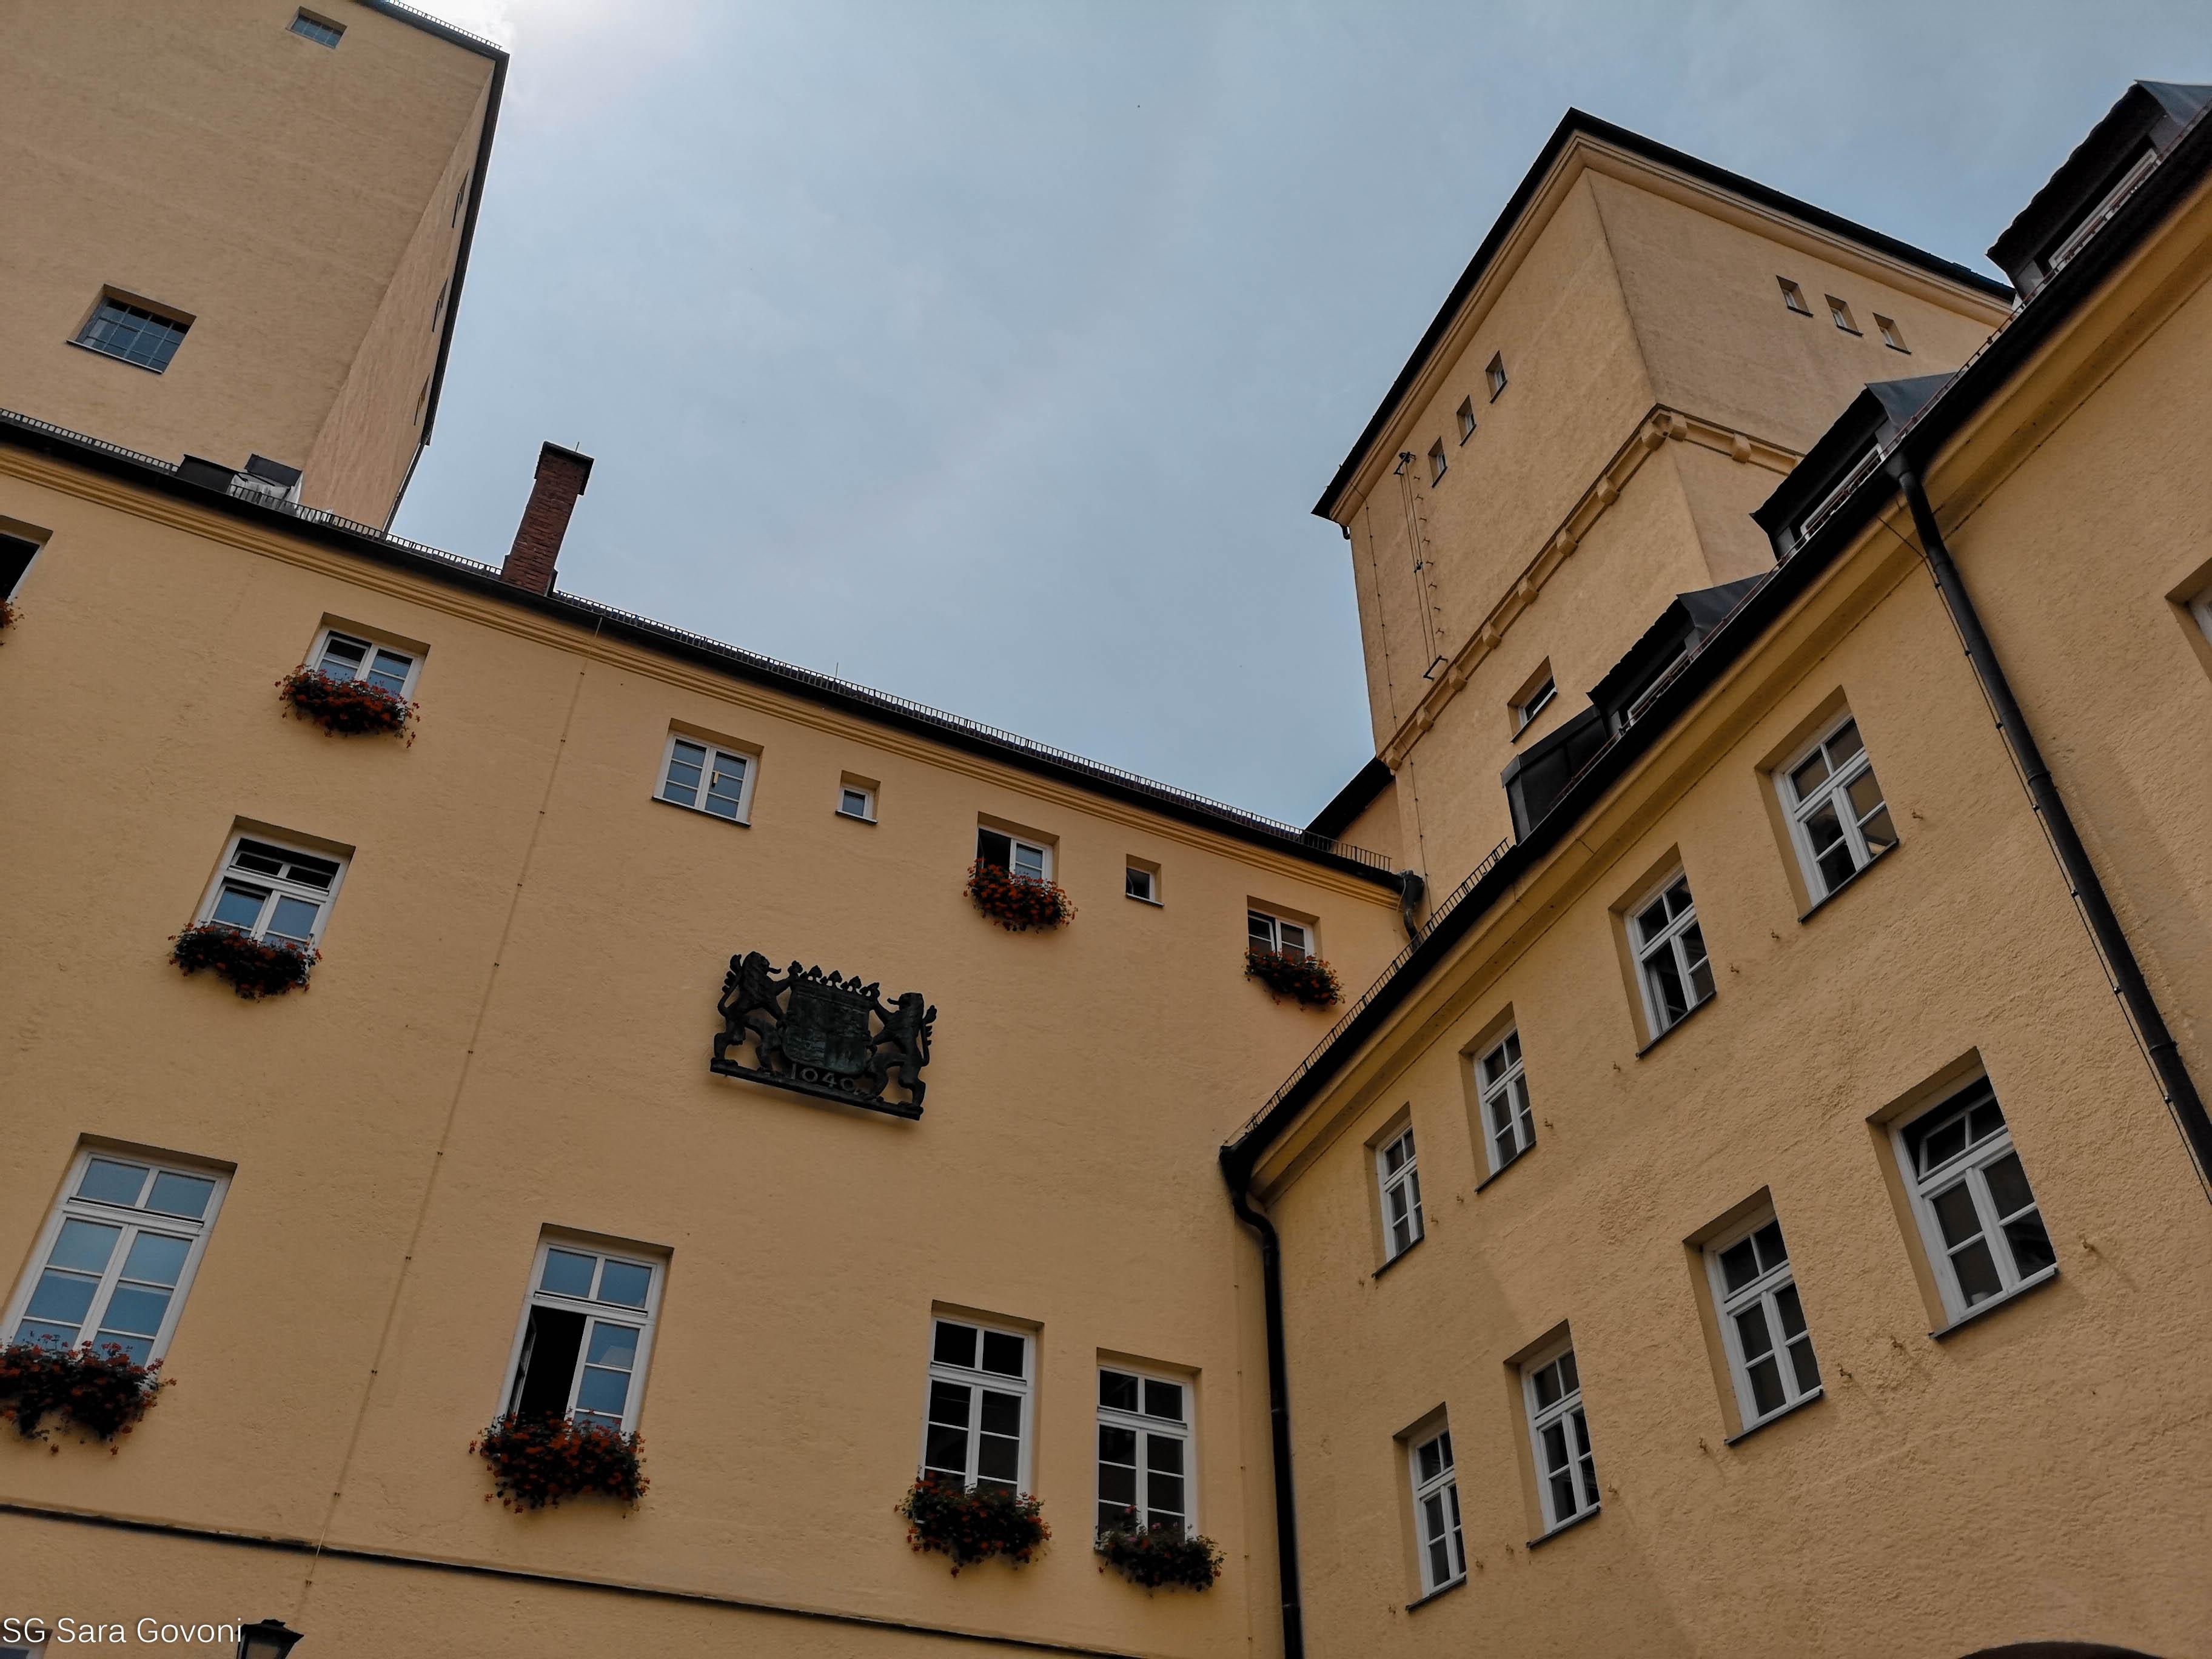 Visitare il birrificio Weihenstephan: il birrificio più antico del mondo!